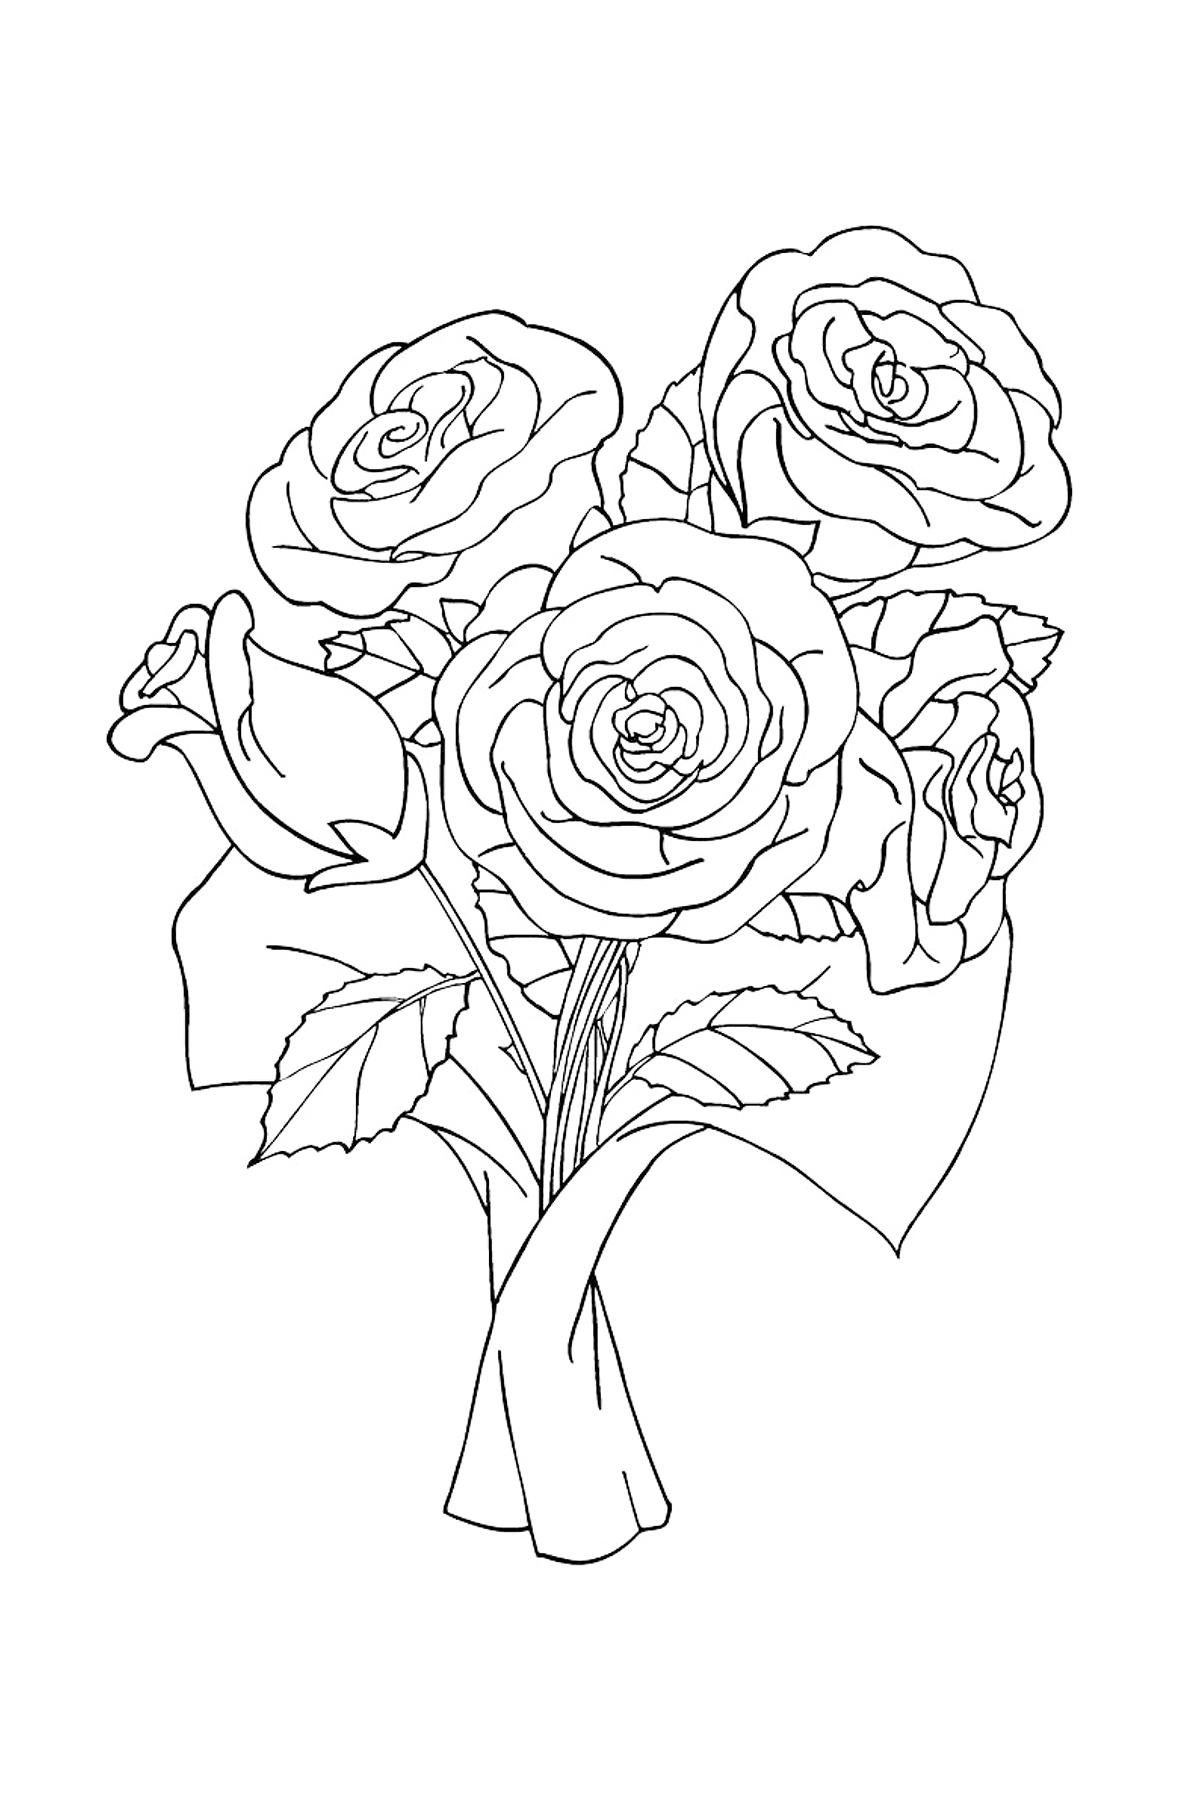 Раскраска Розы в подарок распечатать или скачать бесплатно